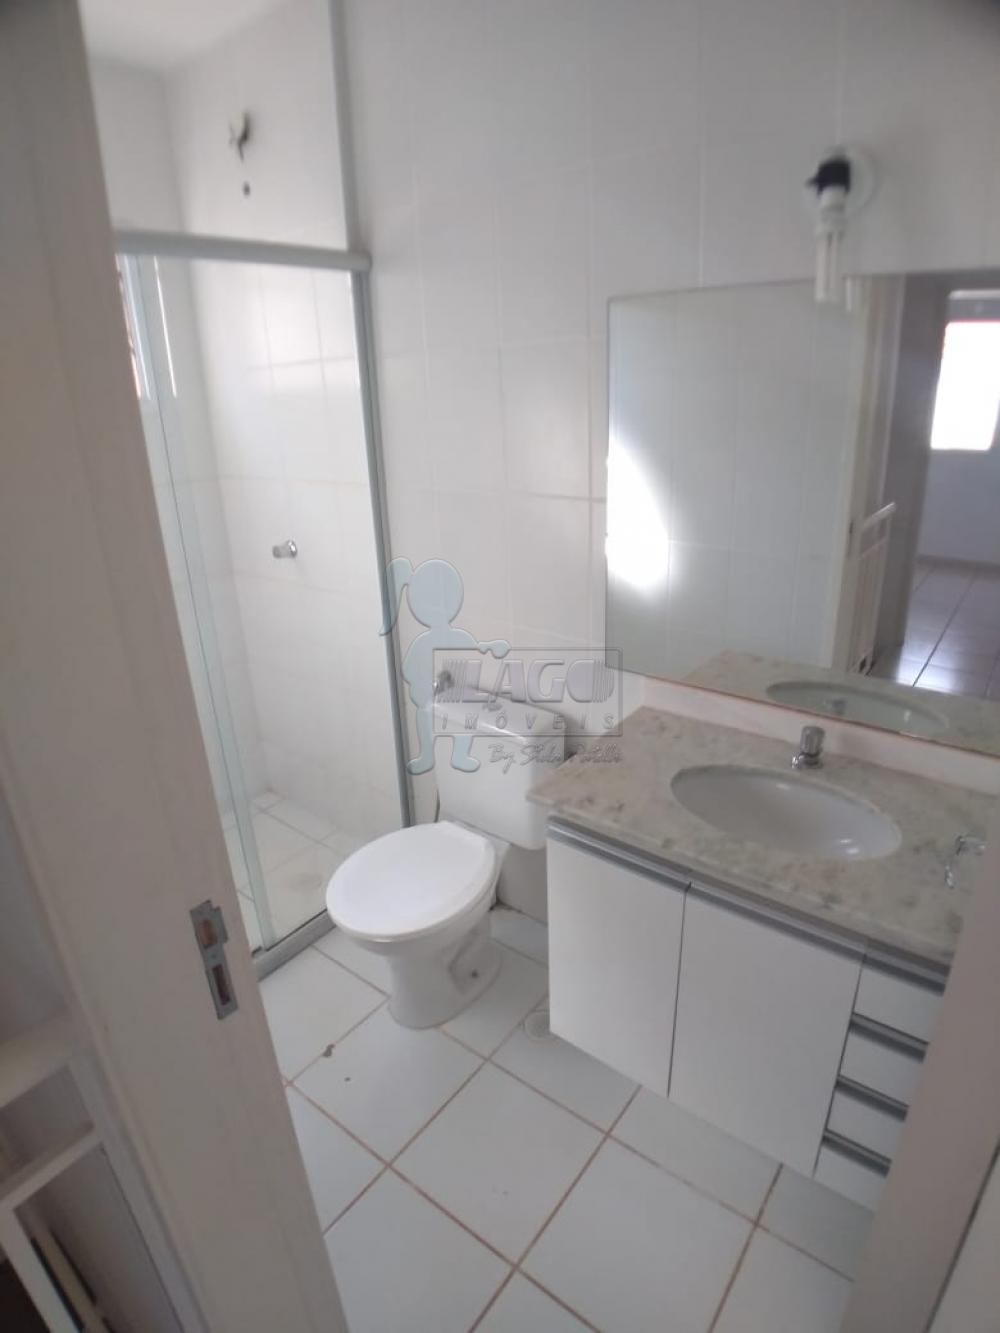 Alugar Casas / Condomínio em Ribeirão Preto apenas R$ 1.800,00 - Foto 7